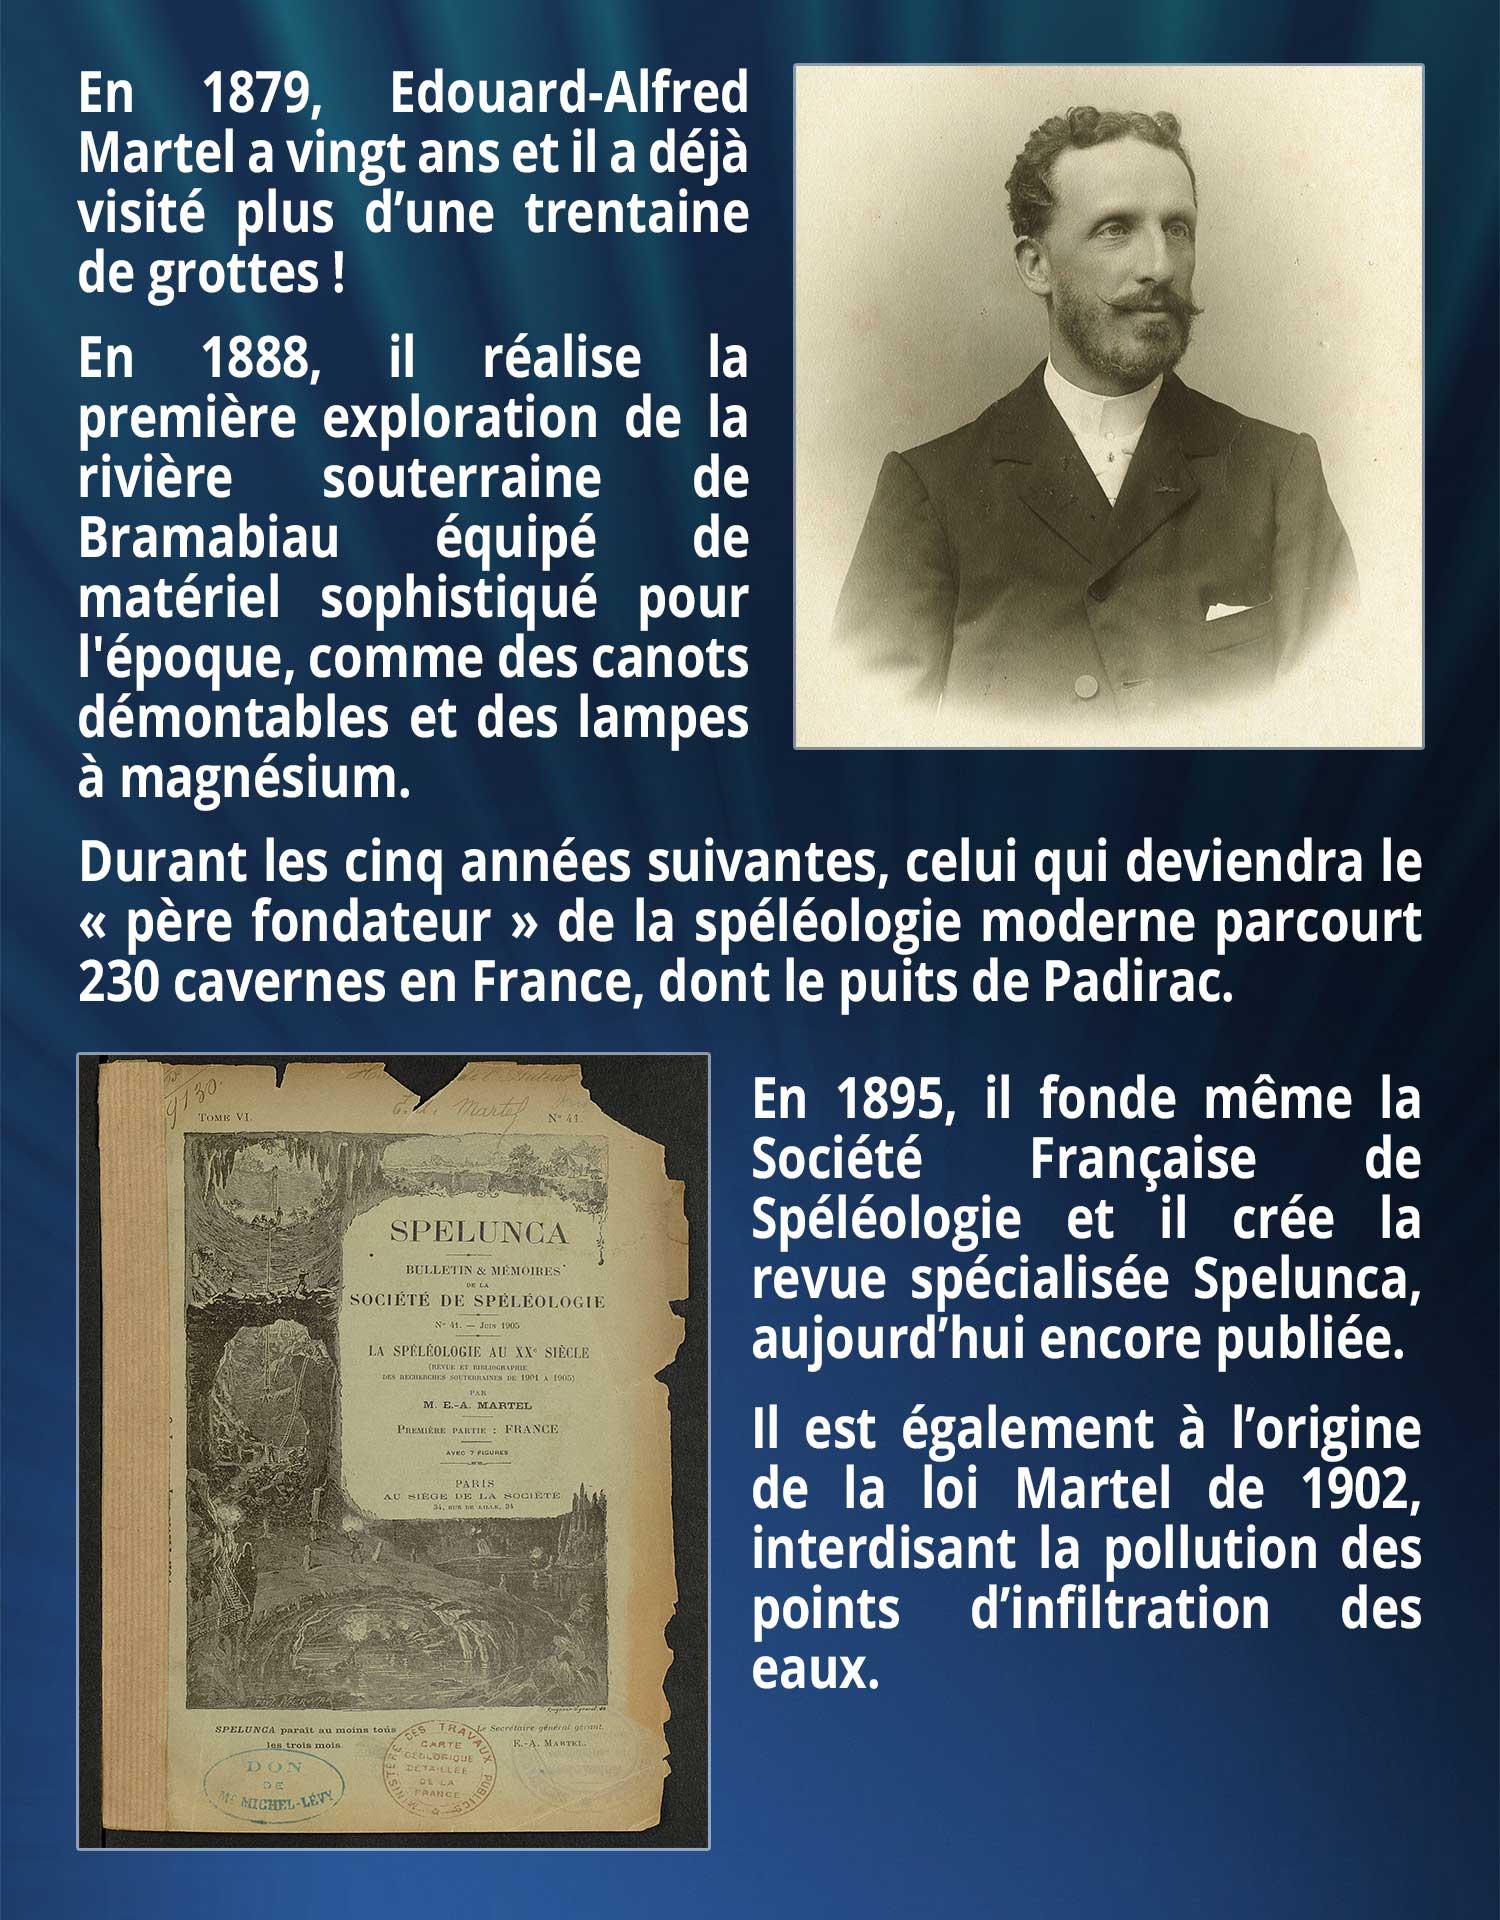 En 1879, Edouard-Alfred Martel a vingt ans et il a déjà visité plus d'une trentaine de grottes ! En 1888, il réalise la première exploration de la rivière souterraine de Bramabiau équipé de matériel sophistiqué pour l'époque, comme des canots démontables et des lampes à magnésium. Durant les cinq années suivantes, celui qui deviendra le « père fondateur » de la spéléologie moderne parcourt 230 cavernes en France, dont le puits de Padirac. En 1895, il fonde même la Société Française de Spéléologie et il crée la revue spécialisée Spelunca, aujourd'hui encore publiée. Il est également à l'origine de la loi Martel de 1902, interdisant la pollution des points d'infiltration des eaux.